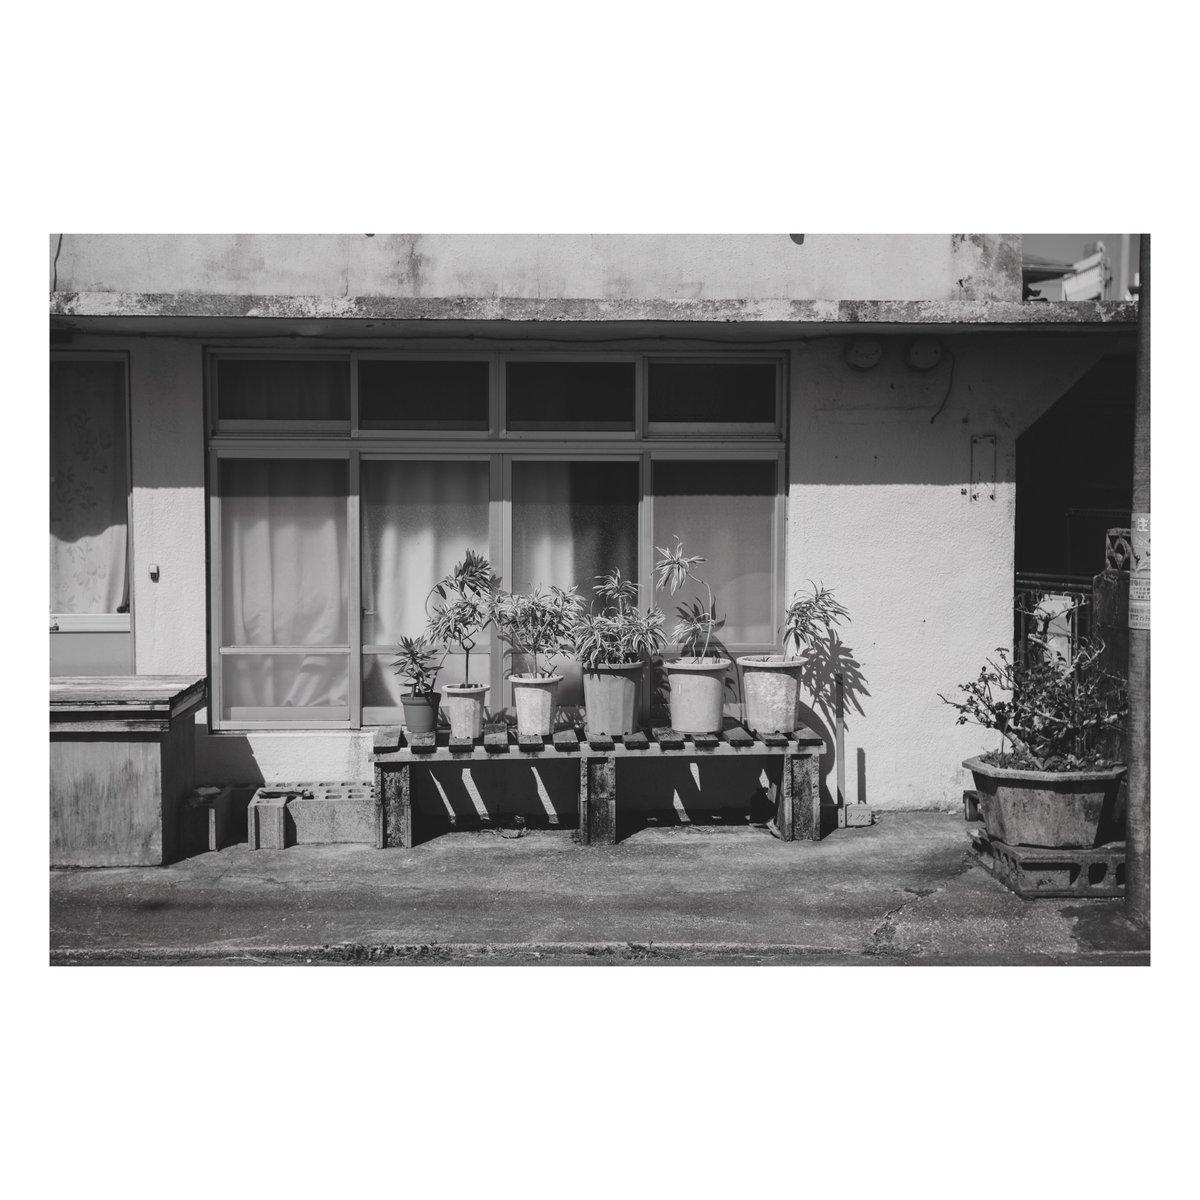 鉢。 #写真 #ファインダー越しの私の世界  #写真シェア #写真好きと繋がりたい #monochrome #モノクロ #モノクロの世界 #Nikon #Z6 #Summitar #沖縄 #お写ん歩  #vsco